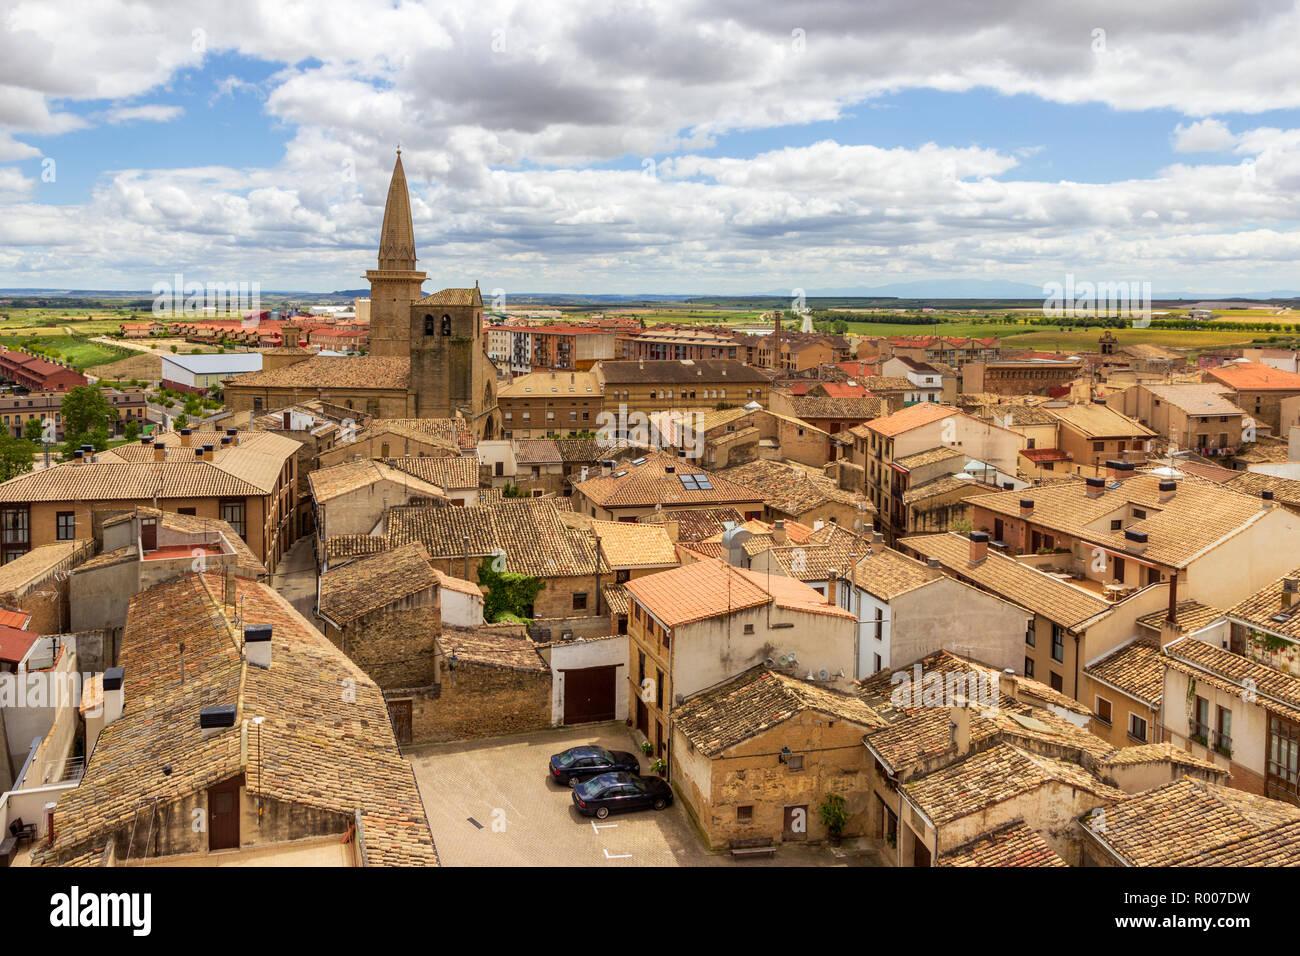 Spanish medieval village of Olite, Navarre, Spain Stock Photo